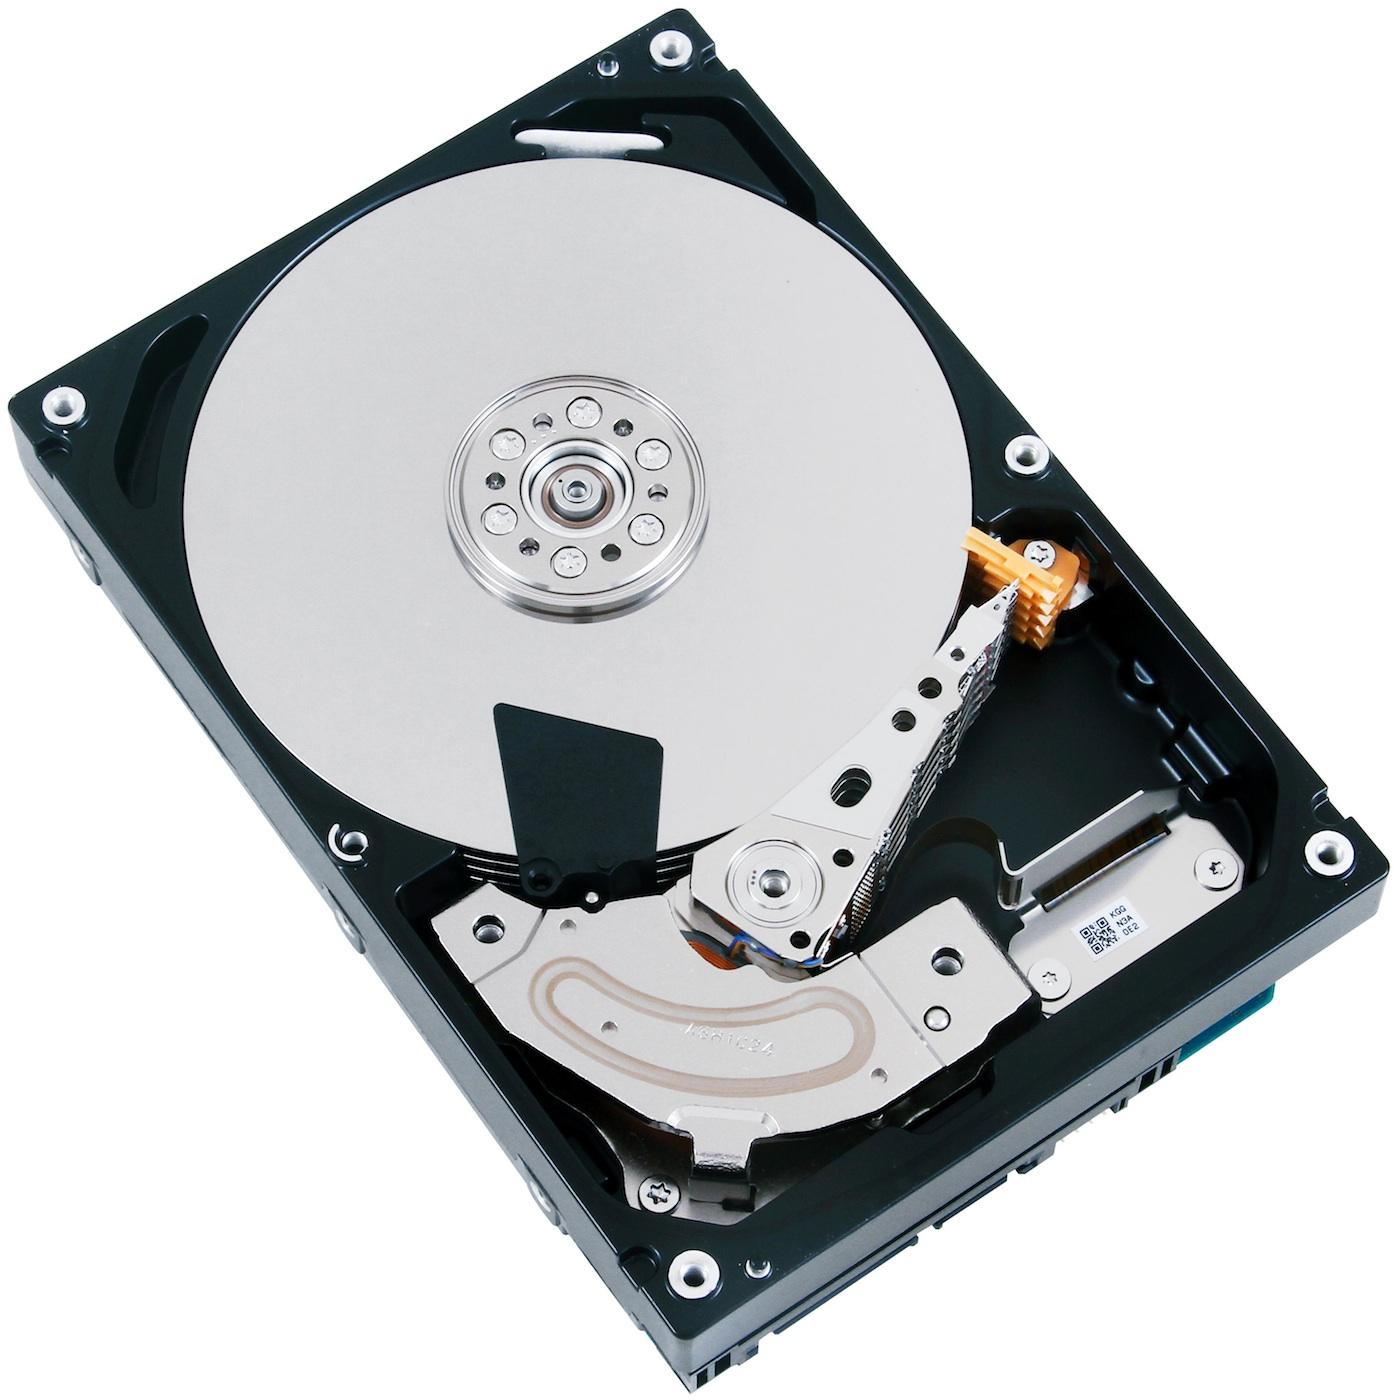 Mehr Kapazität: Auch Toshiba bringt 4-TByte-Festplatten - Toshibas MG03xxx400-Serie - hier das 4TByte-Modell mit SATA-Schnittstelle (Bild: Hersteller)